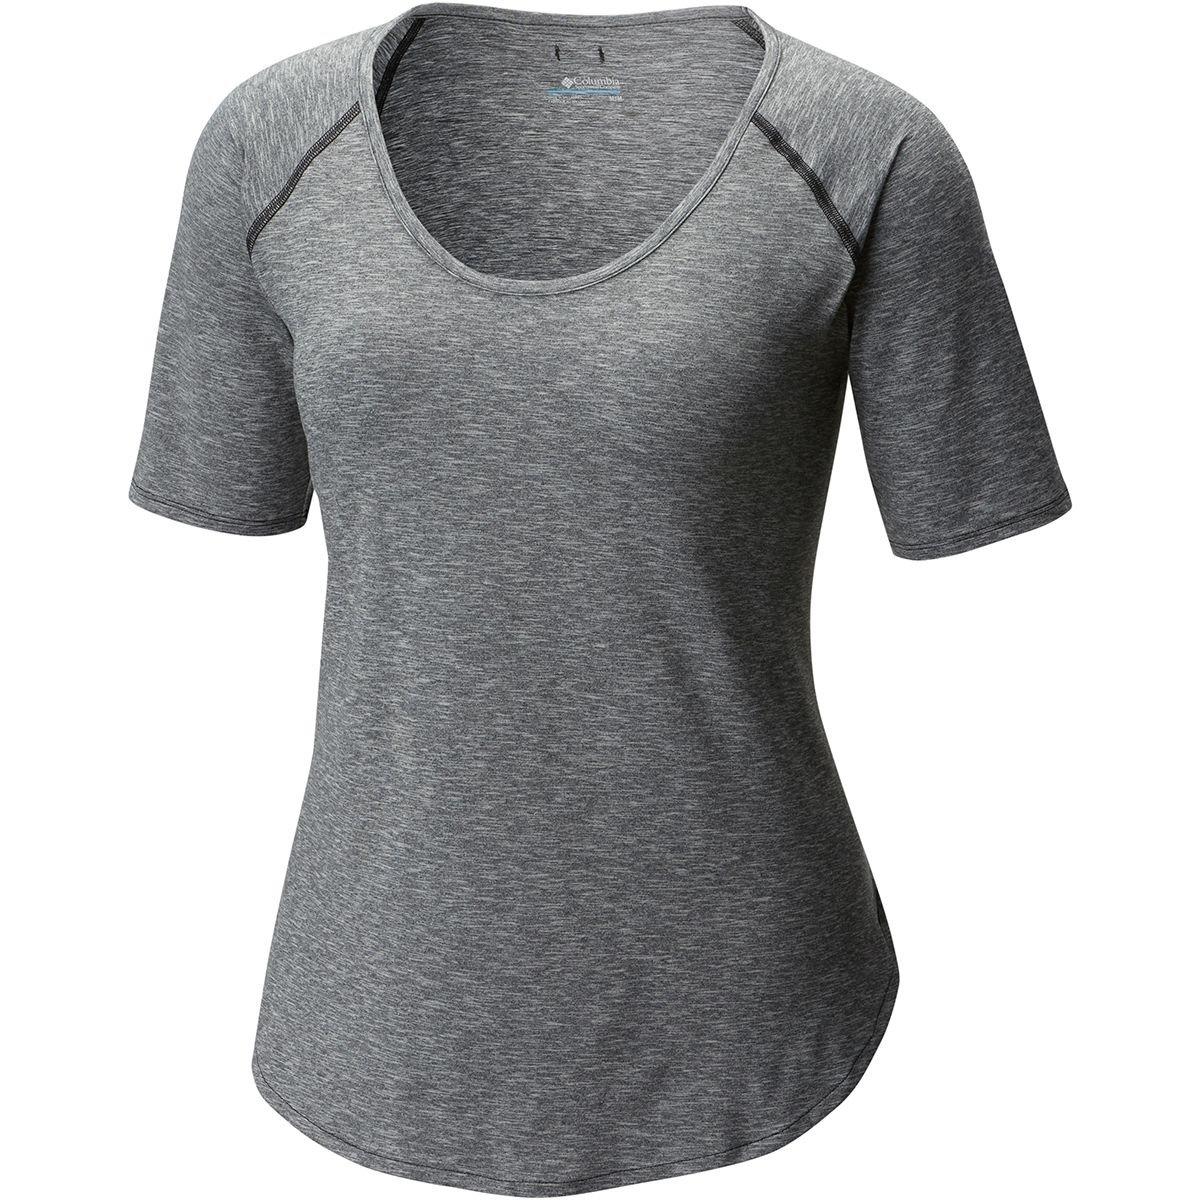 (コロンビア) Columbia Wander More Short-Sleeve T-Shirt レディース シャツトップスBlack Heather [並行輸入品] S Black Heather B079PPJP5N